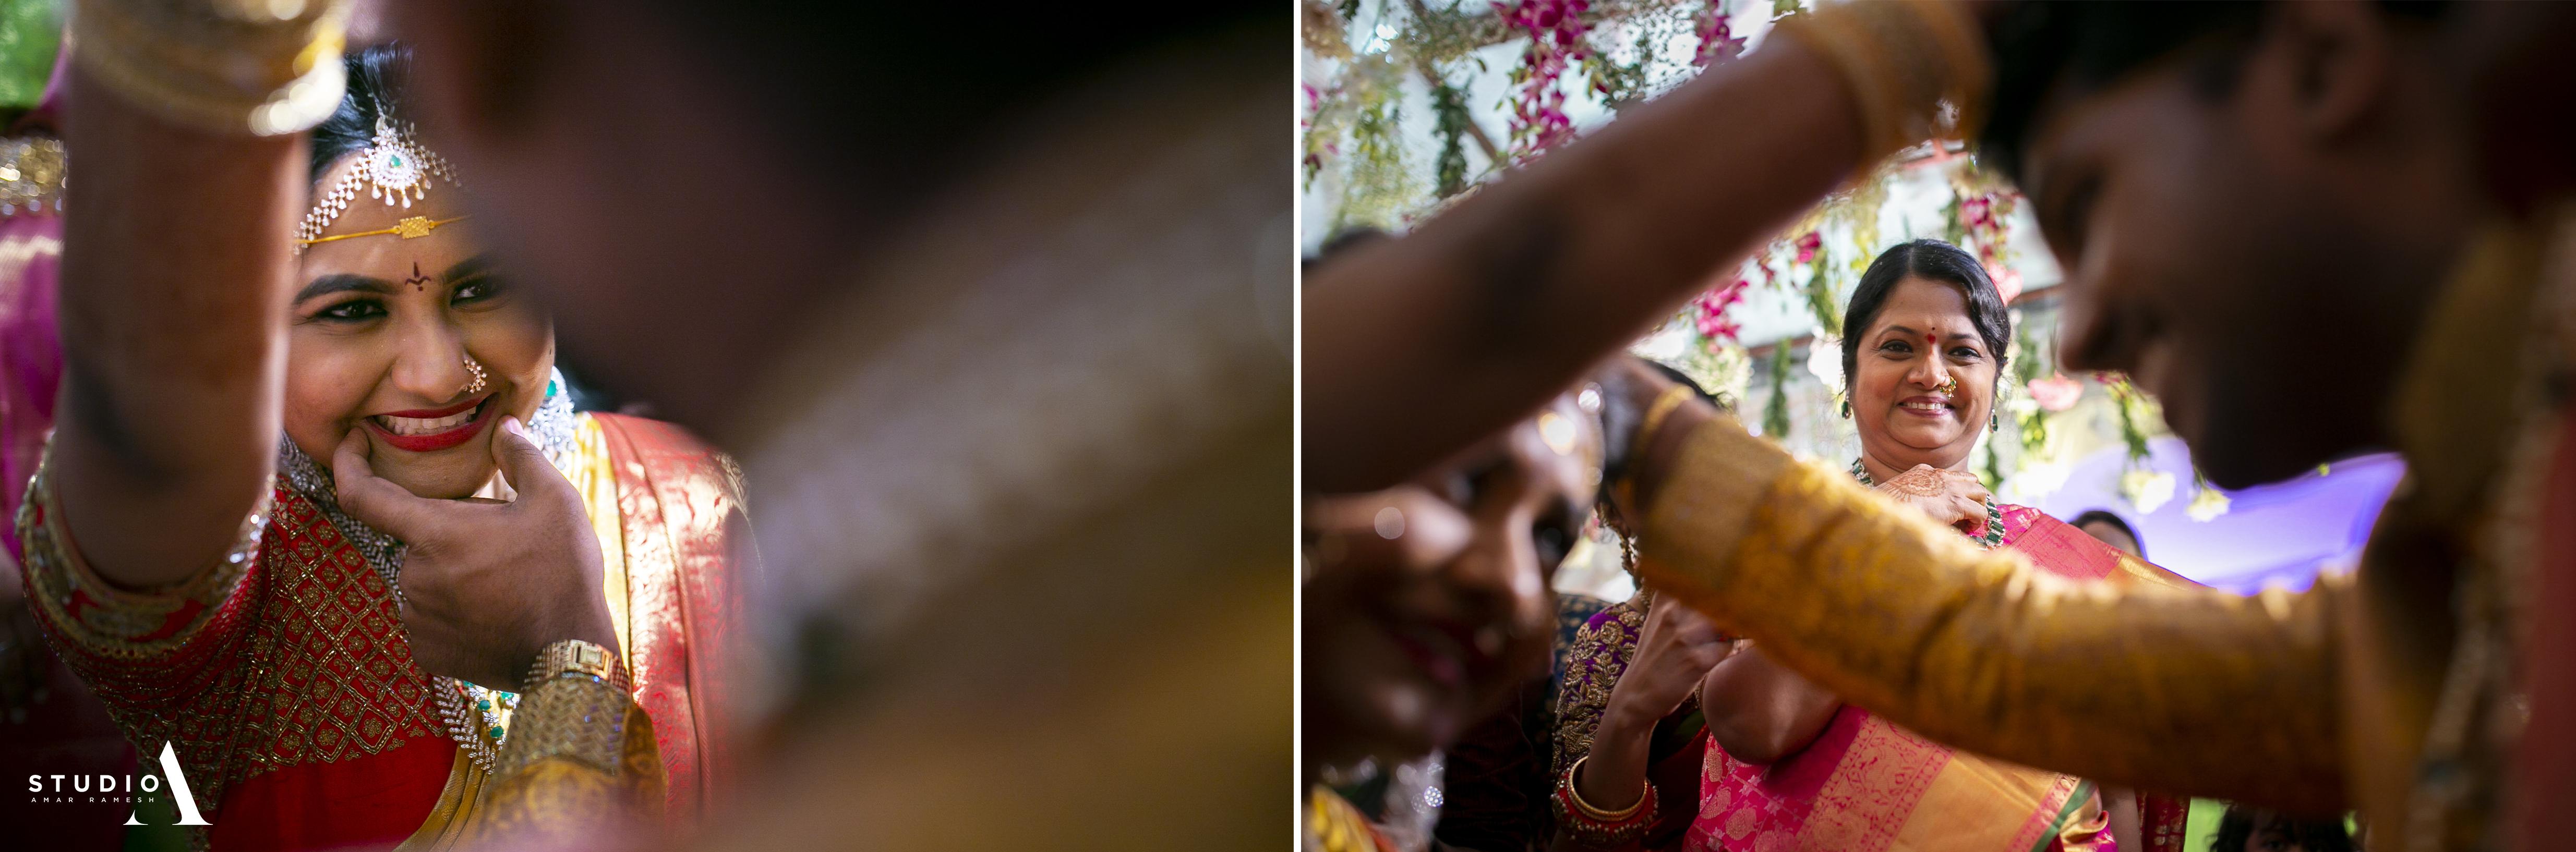 grand-telugu-wedding-studioa-amarramesh-45